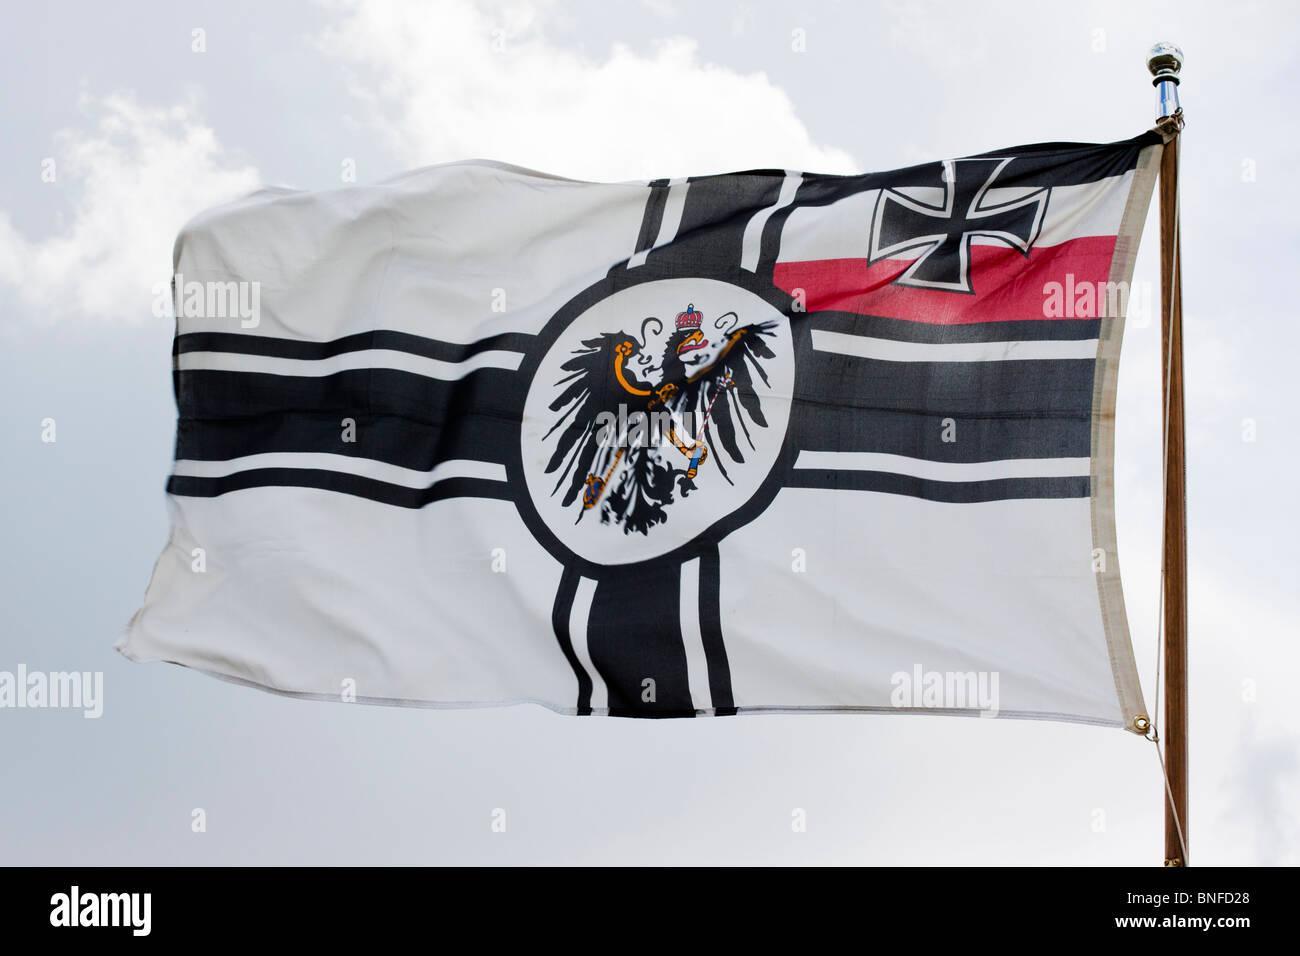 Nazi Memorabilia Stock Photos & Nazi Memorabilia Stock